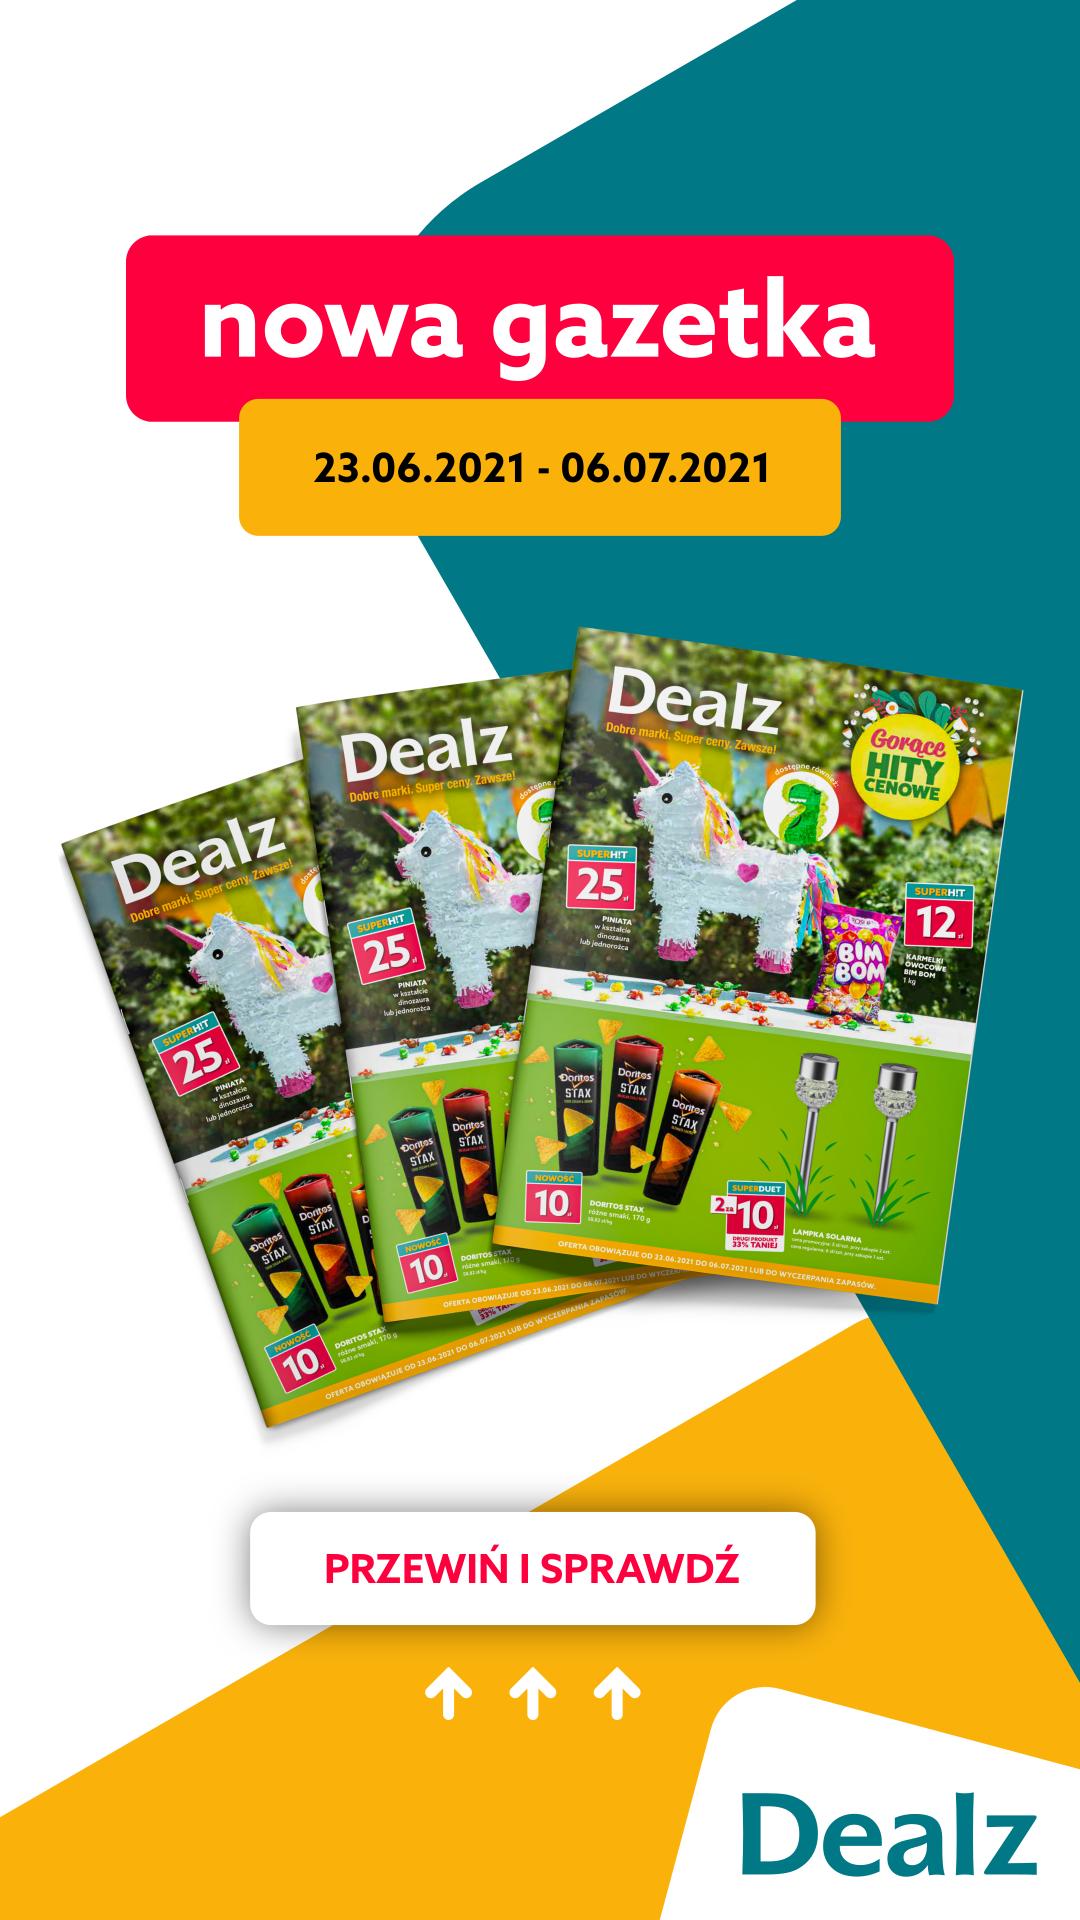 Nowa Gazetka Dealz! 23.06.2021 – 06.07.2021